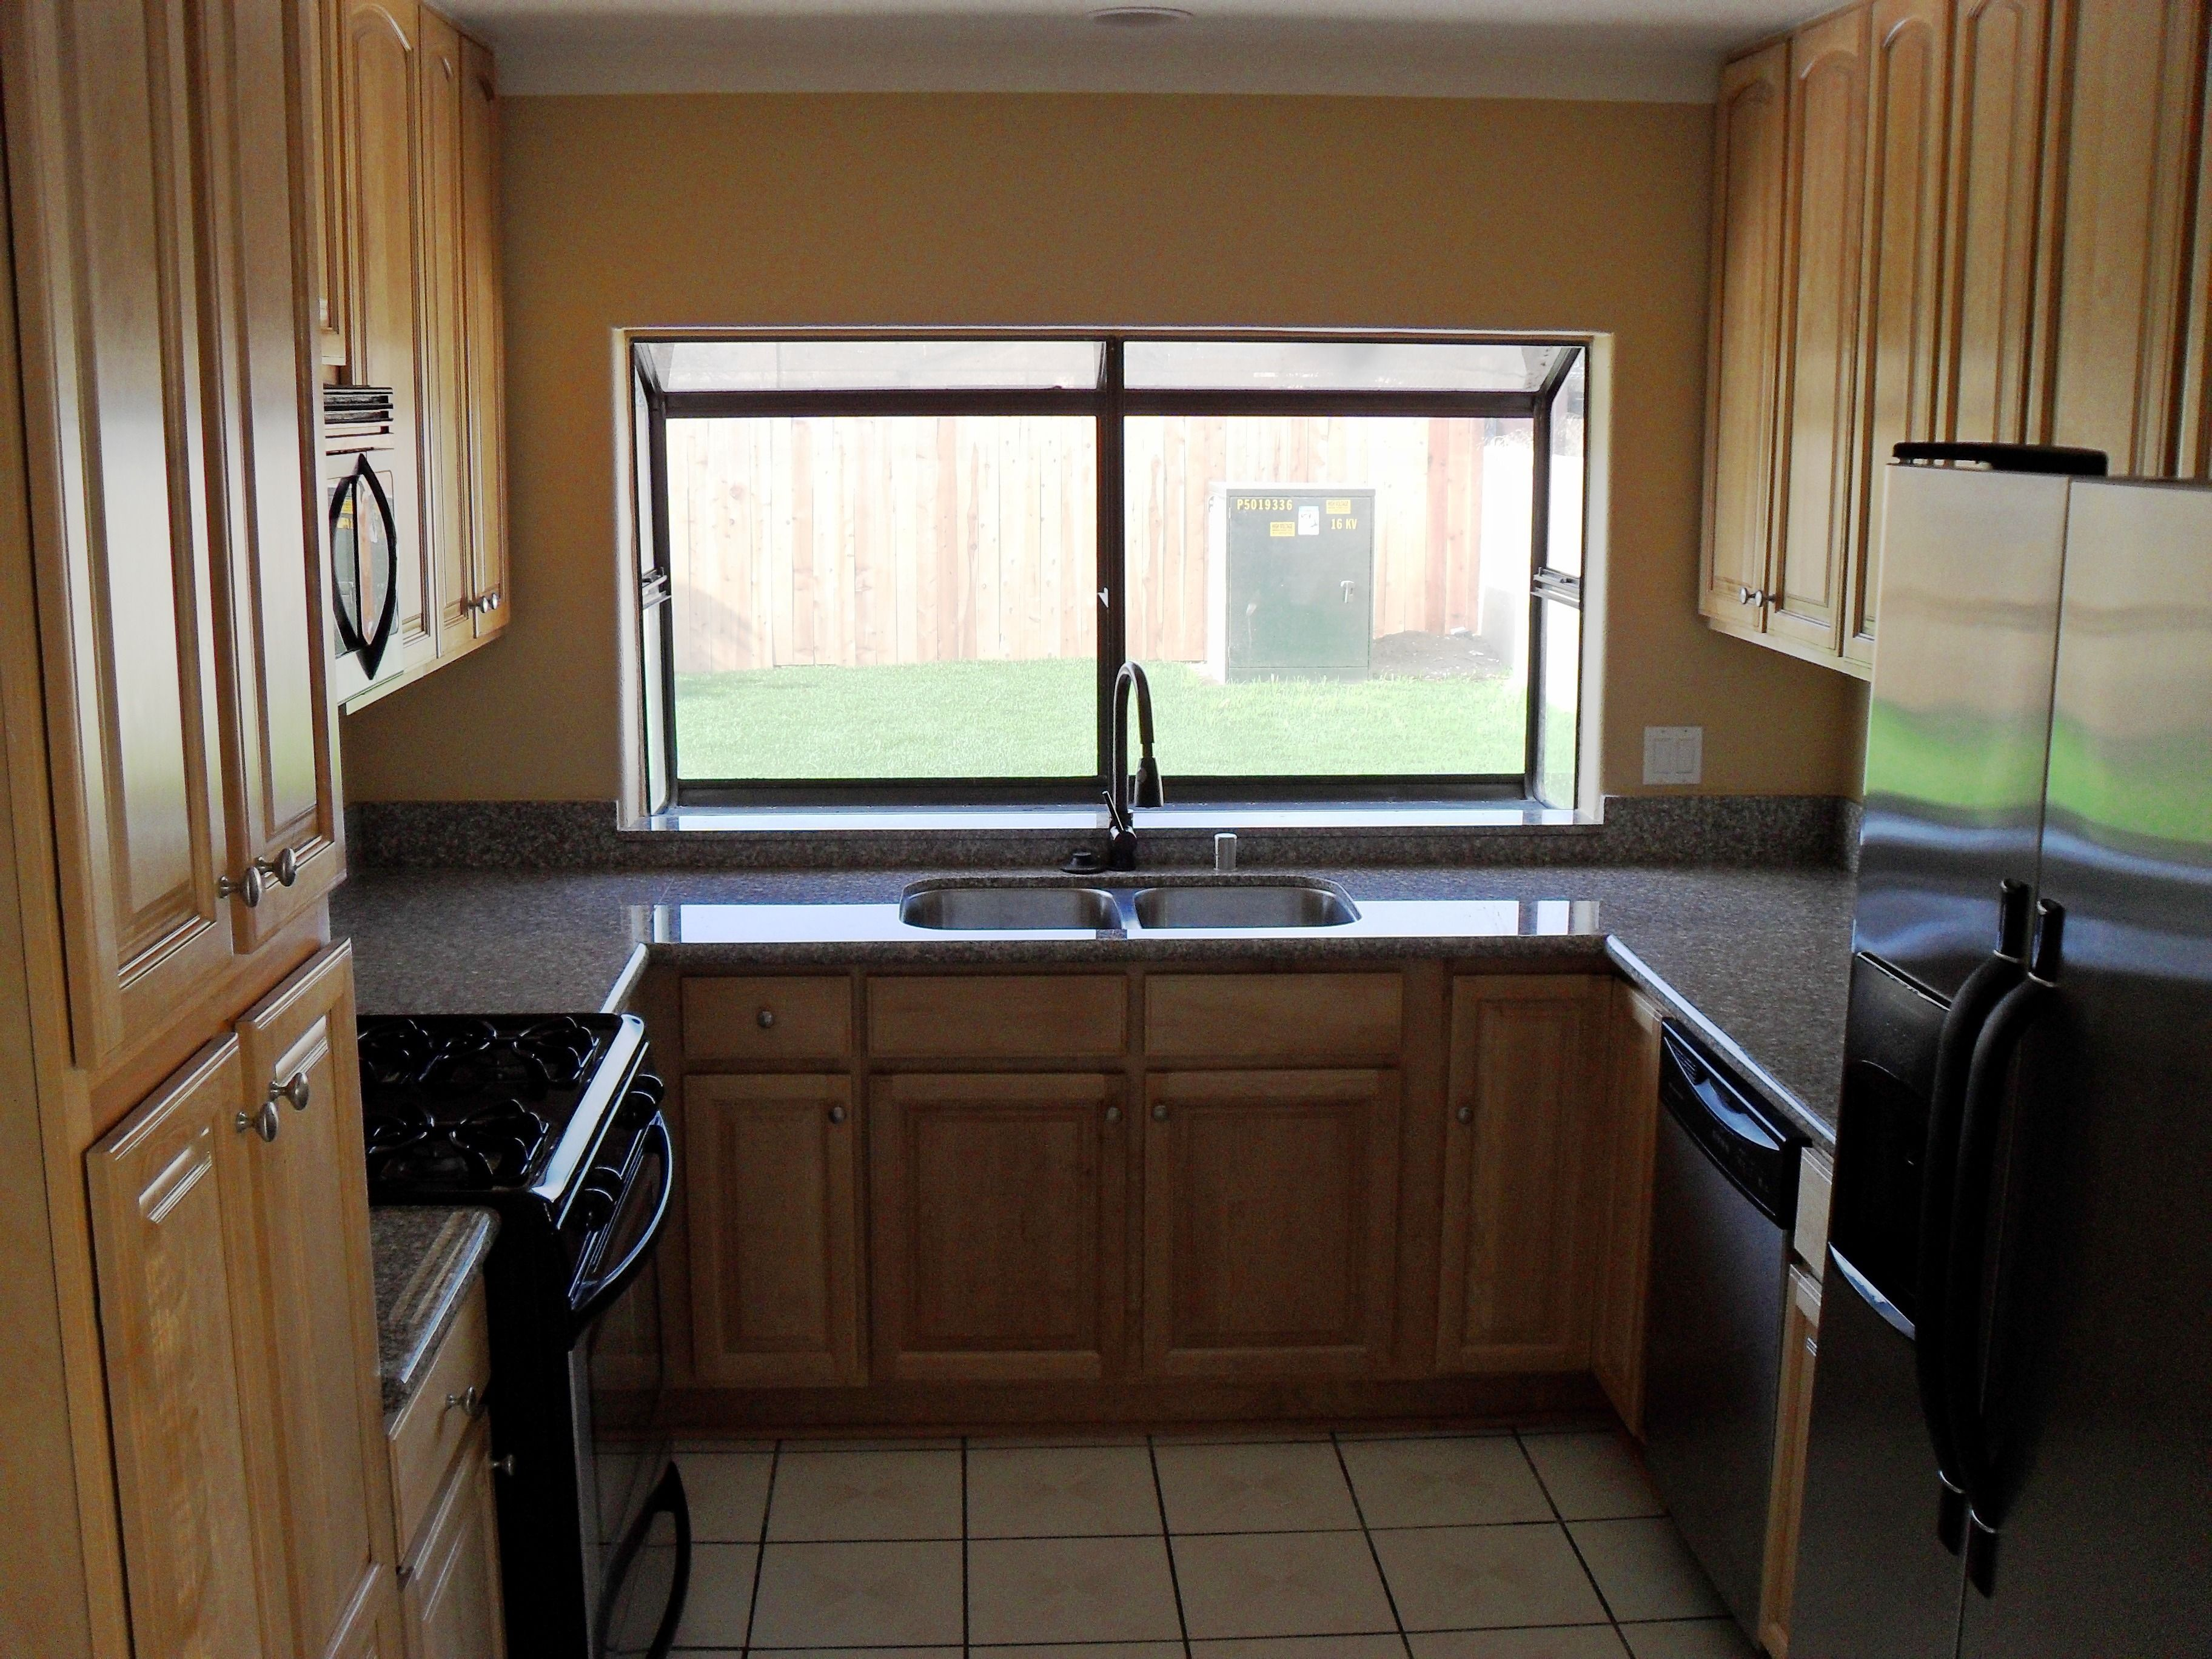 Best U Shaped Kitchen Design & Decoration Ideas